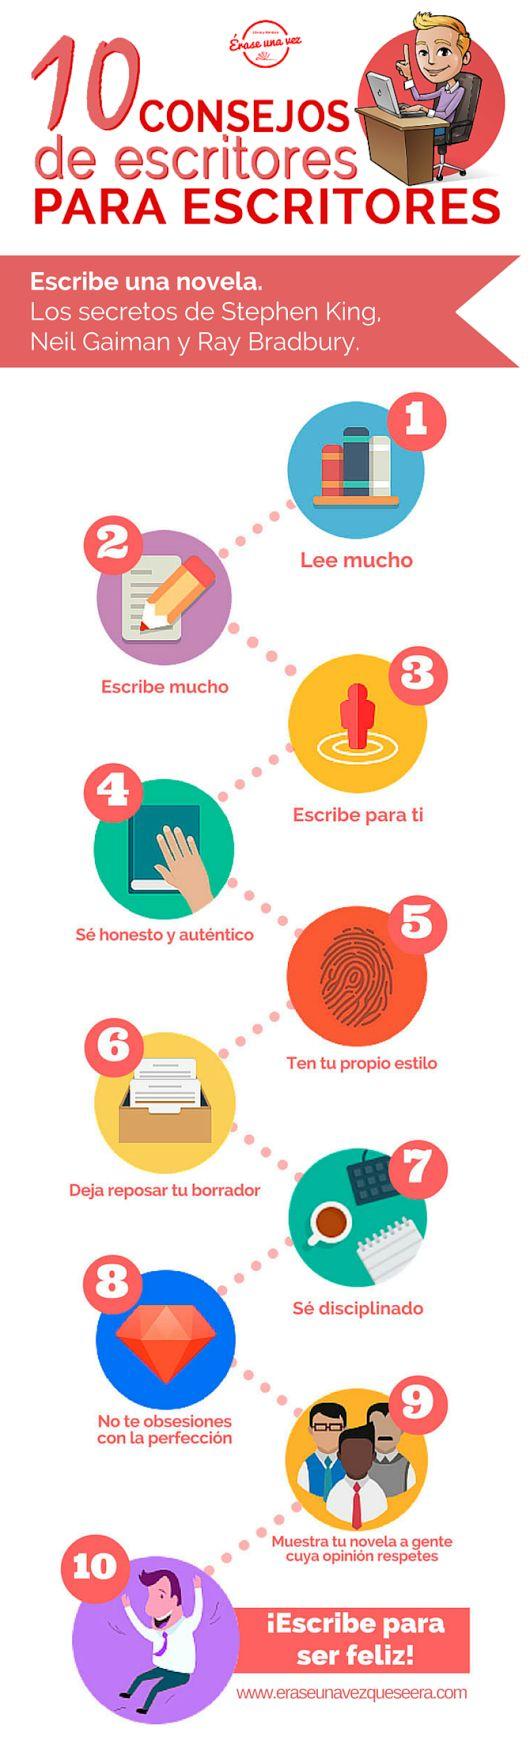 10 CONSEJOS DE ESCRITORES PARA ESCRITORES, por +Érase una vez  #libros  #infographic  #infografia  #tips  #escritores  #stephenking  - Jorge Iglesias - Google+